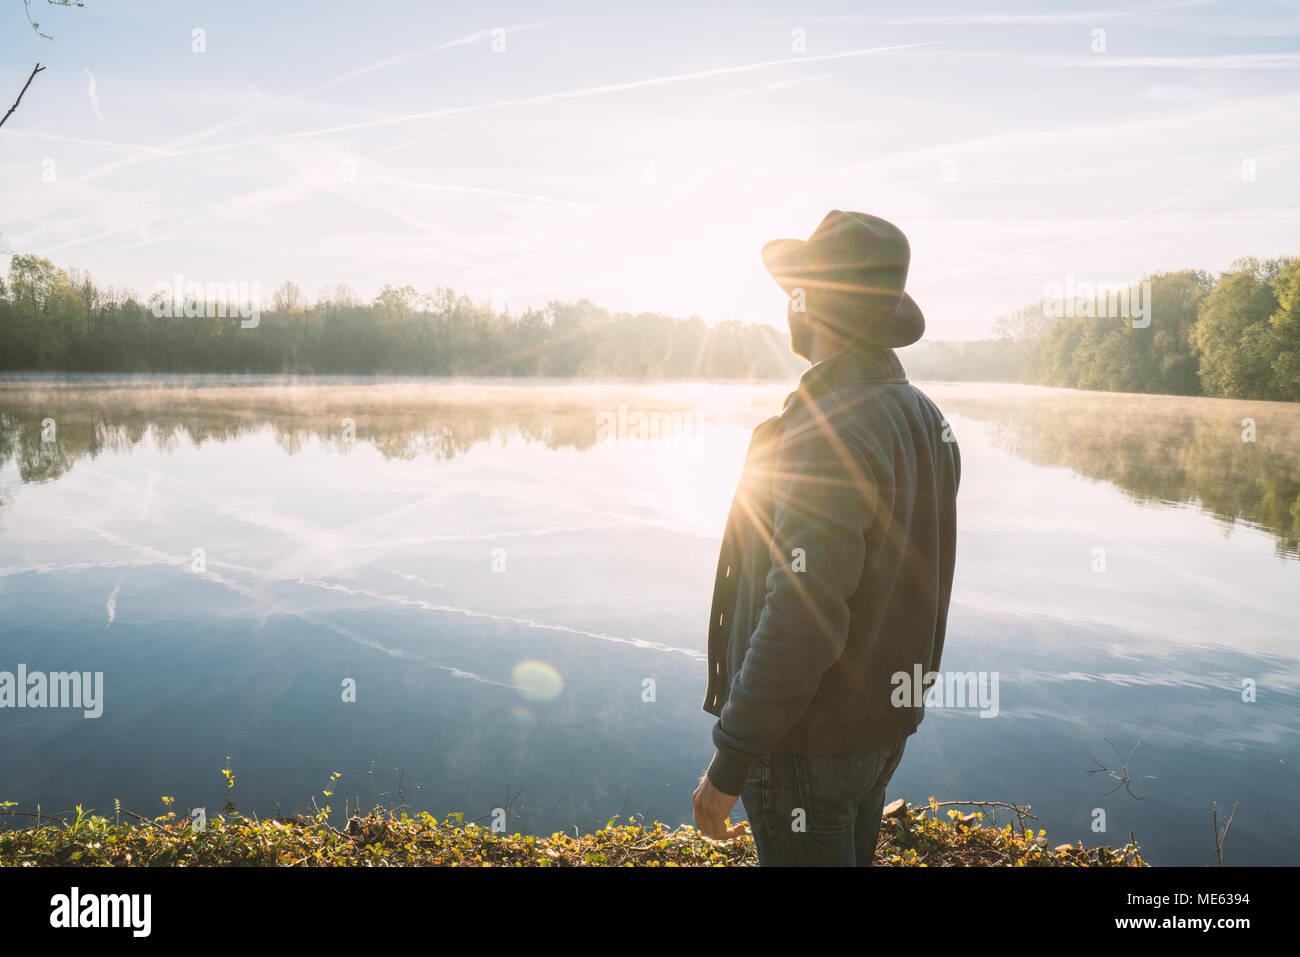 Giovane uomo di contemplare la natura in riva al lago di sunrise, primavera, in Francia, in Europa. Persone Viaggi relax nella natura del concetto. Immagine dai toni Immagini Stock